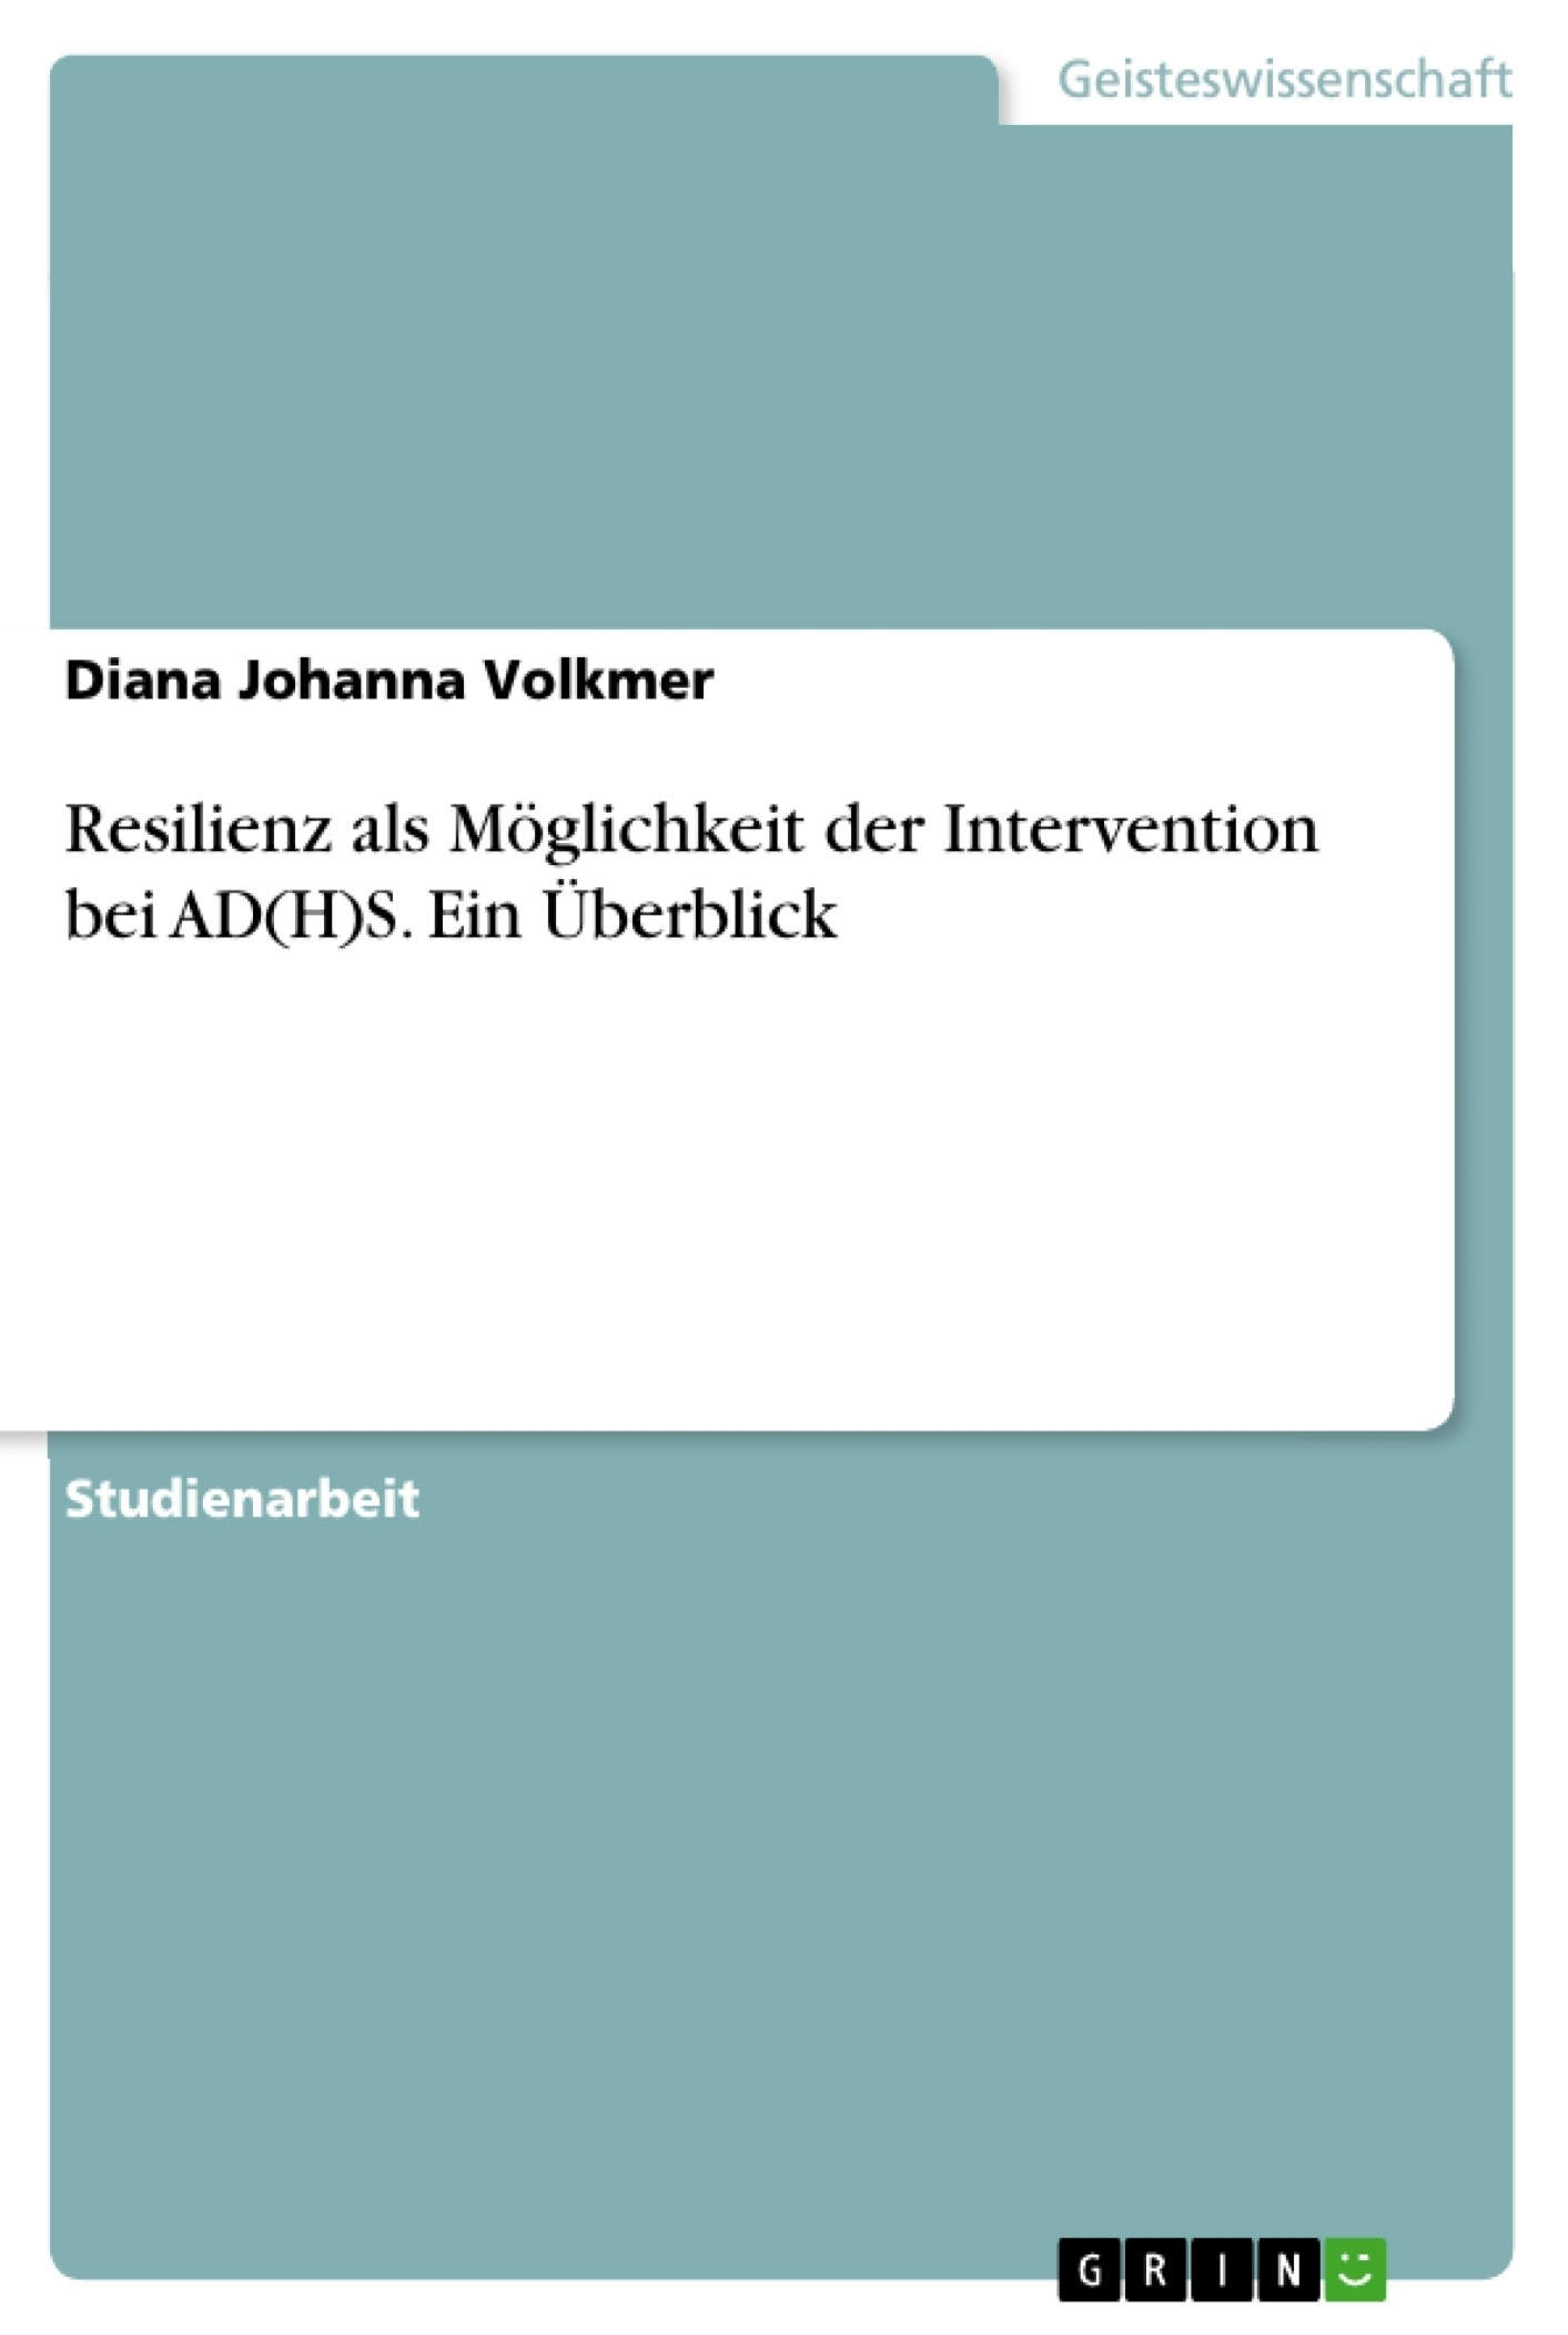 Titel: Resilienz als Möglichkeit der Intervention bei AD(H)S. Ein Überblick